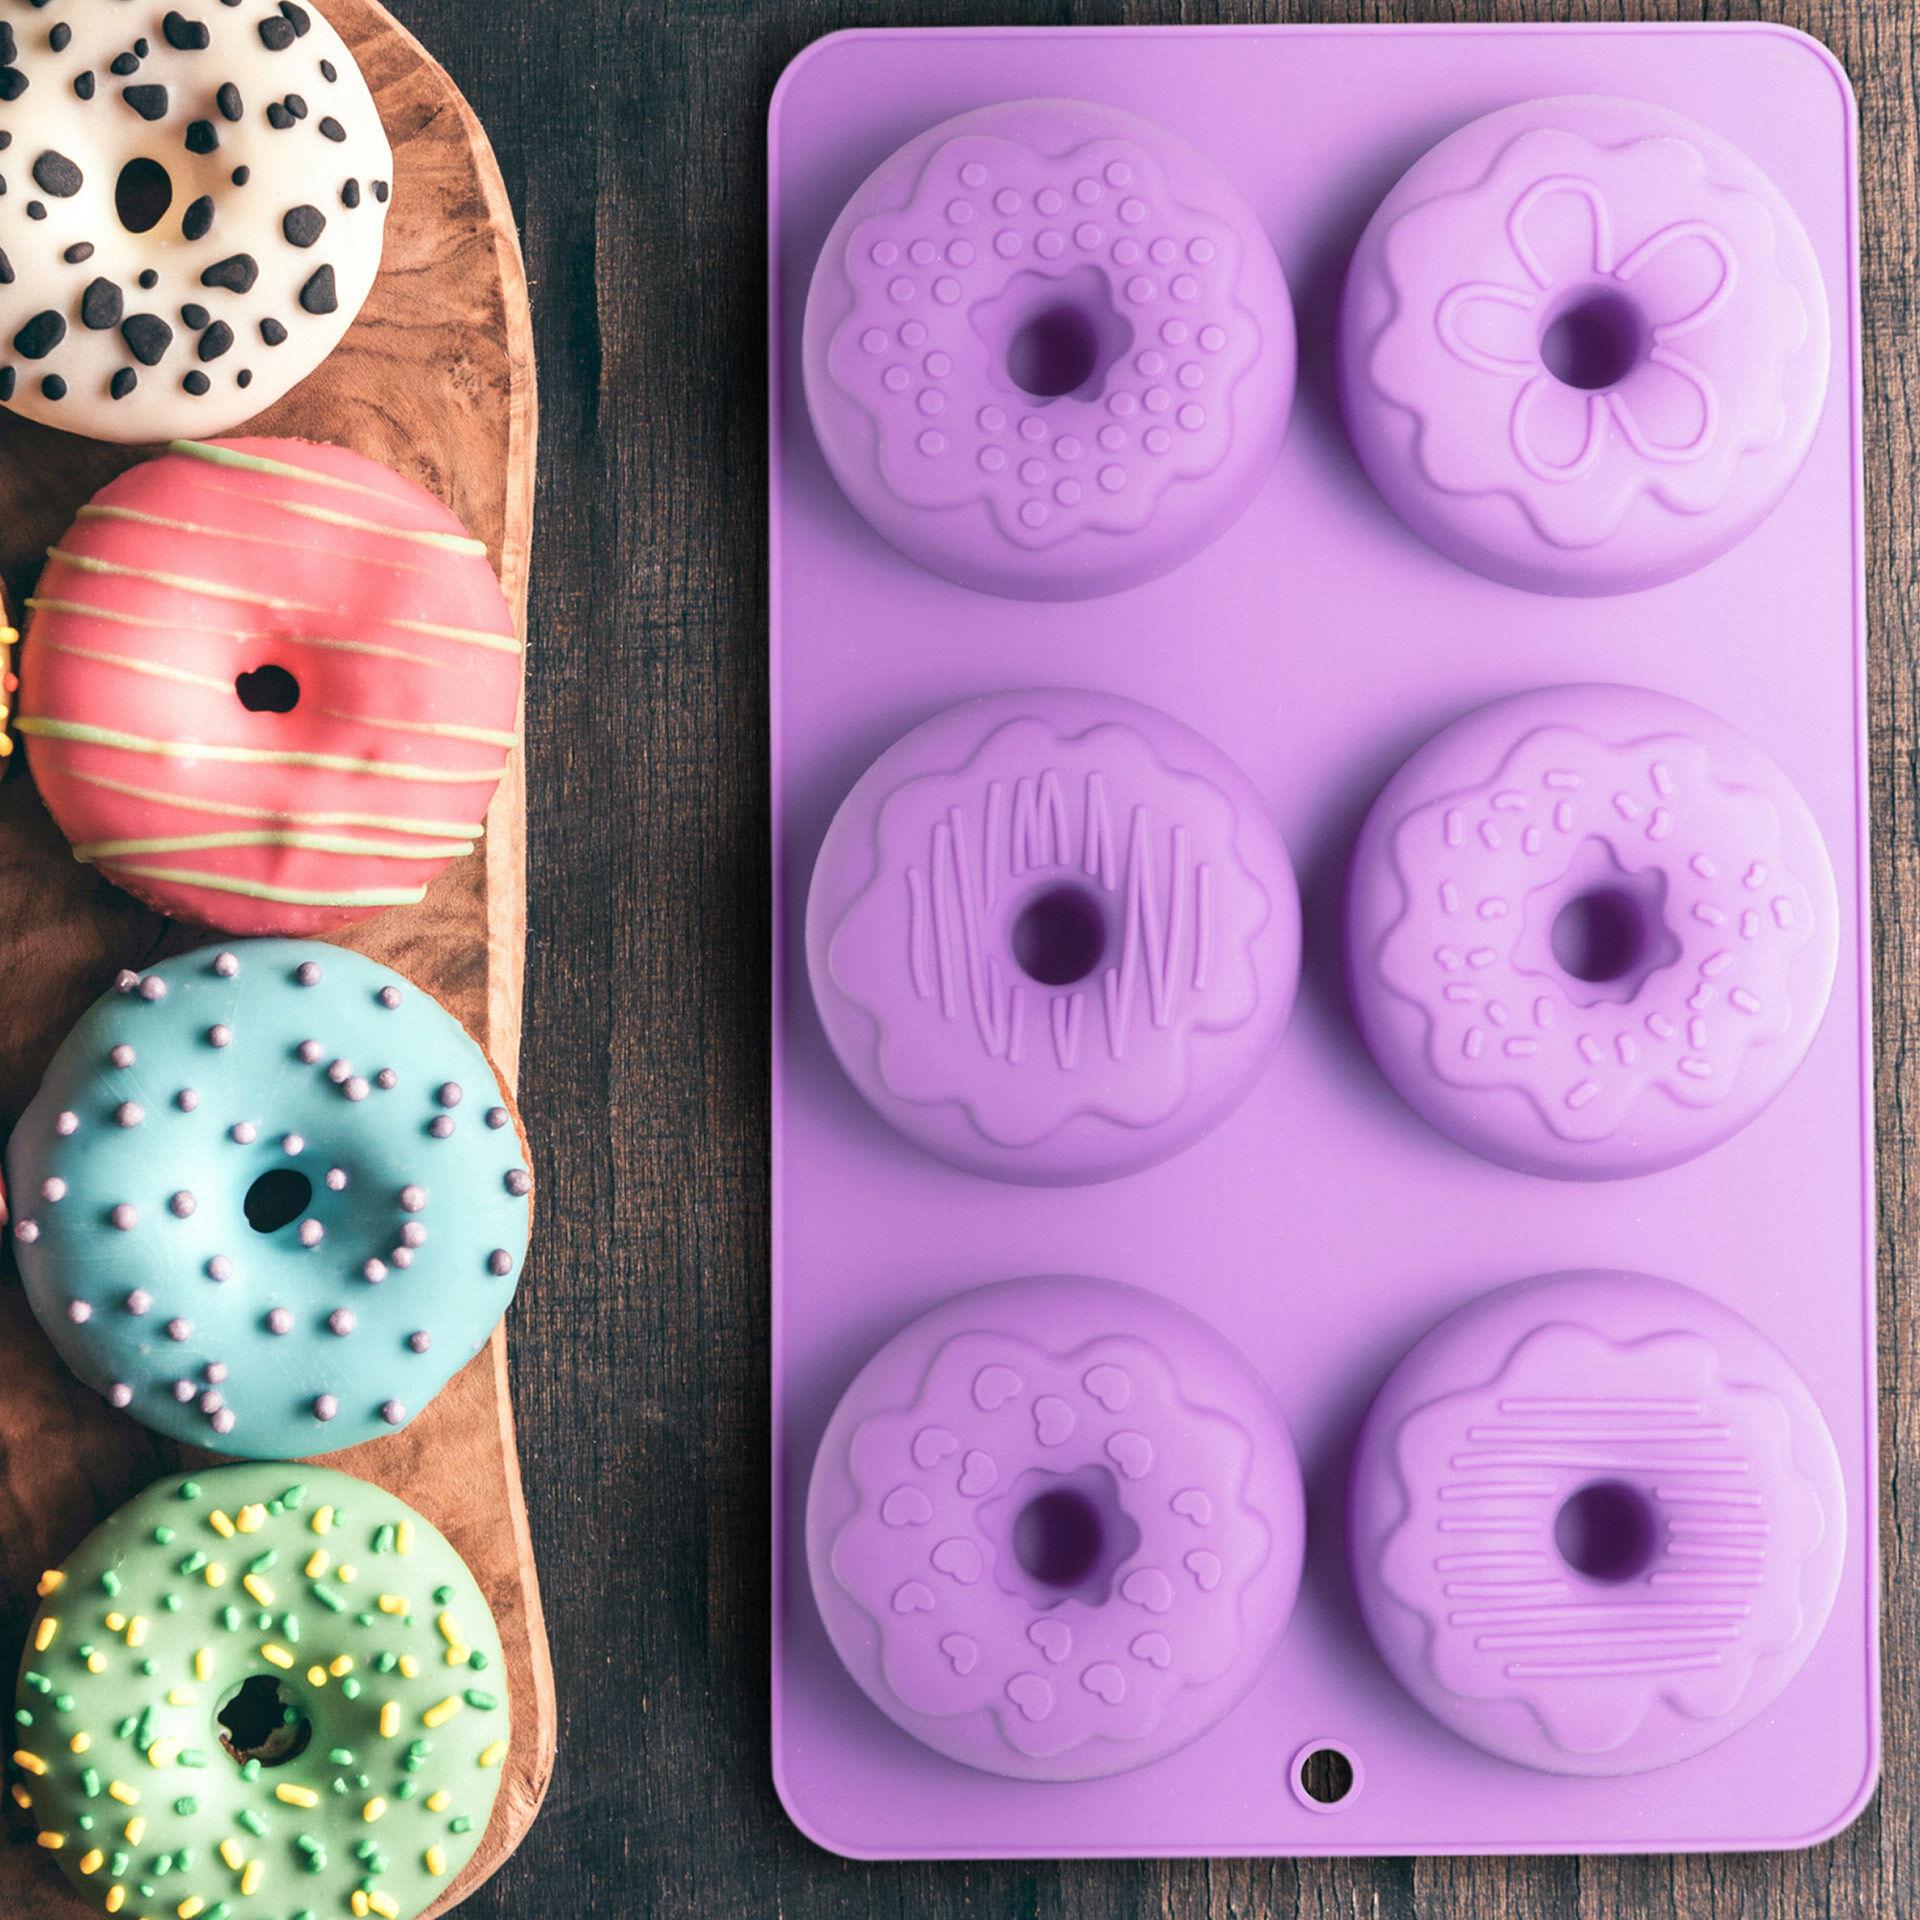 Moule en silicone pour 6 gâteaux en couronnes avec décorations, , large